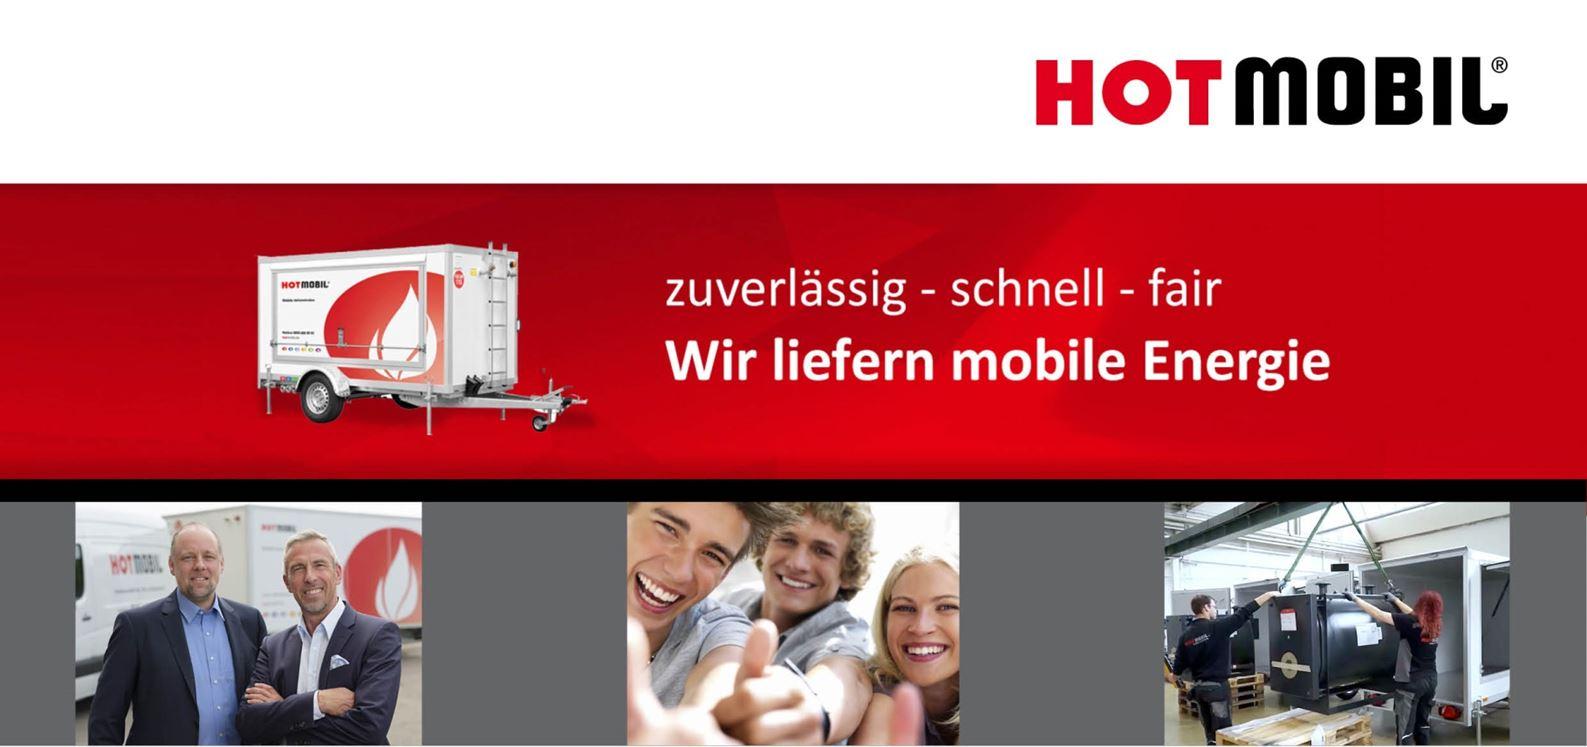 HOTMOBIL zuverlässig - schnell - fair - Wir liefern mobile Energie